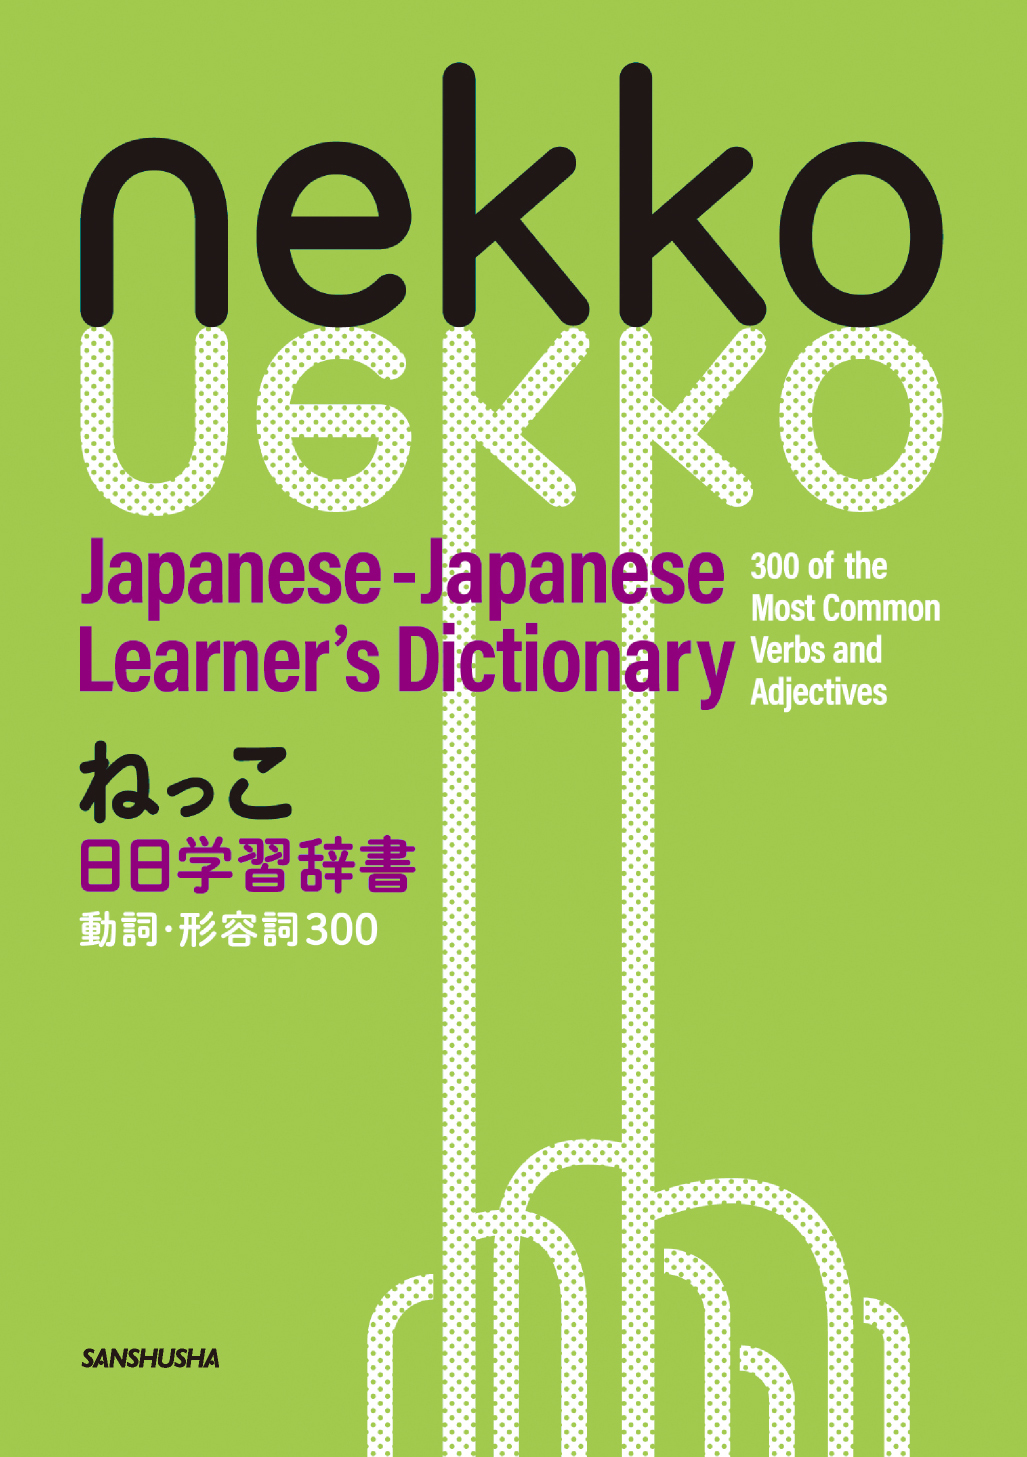 ねっこ 日日学習辞書 動詞・形容詞300画像